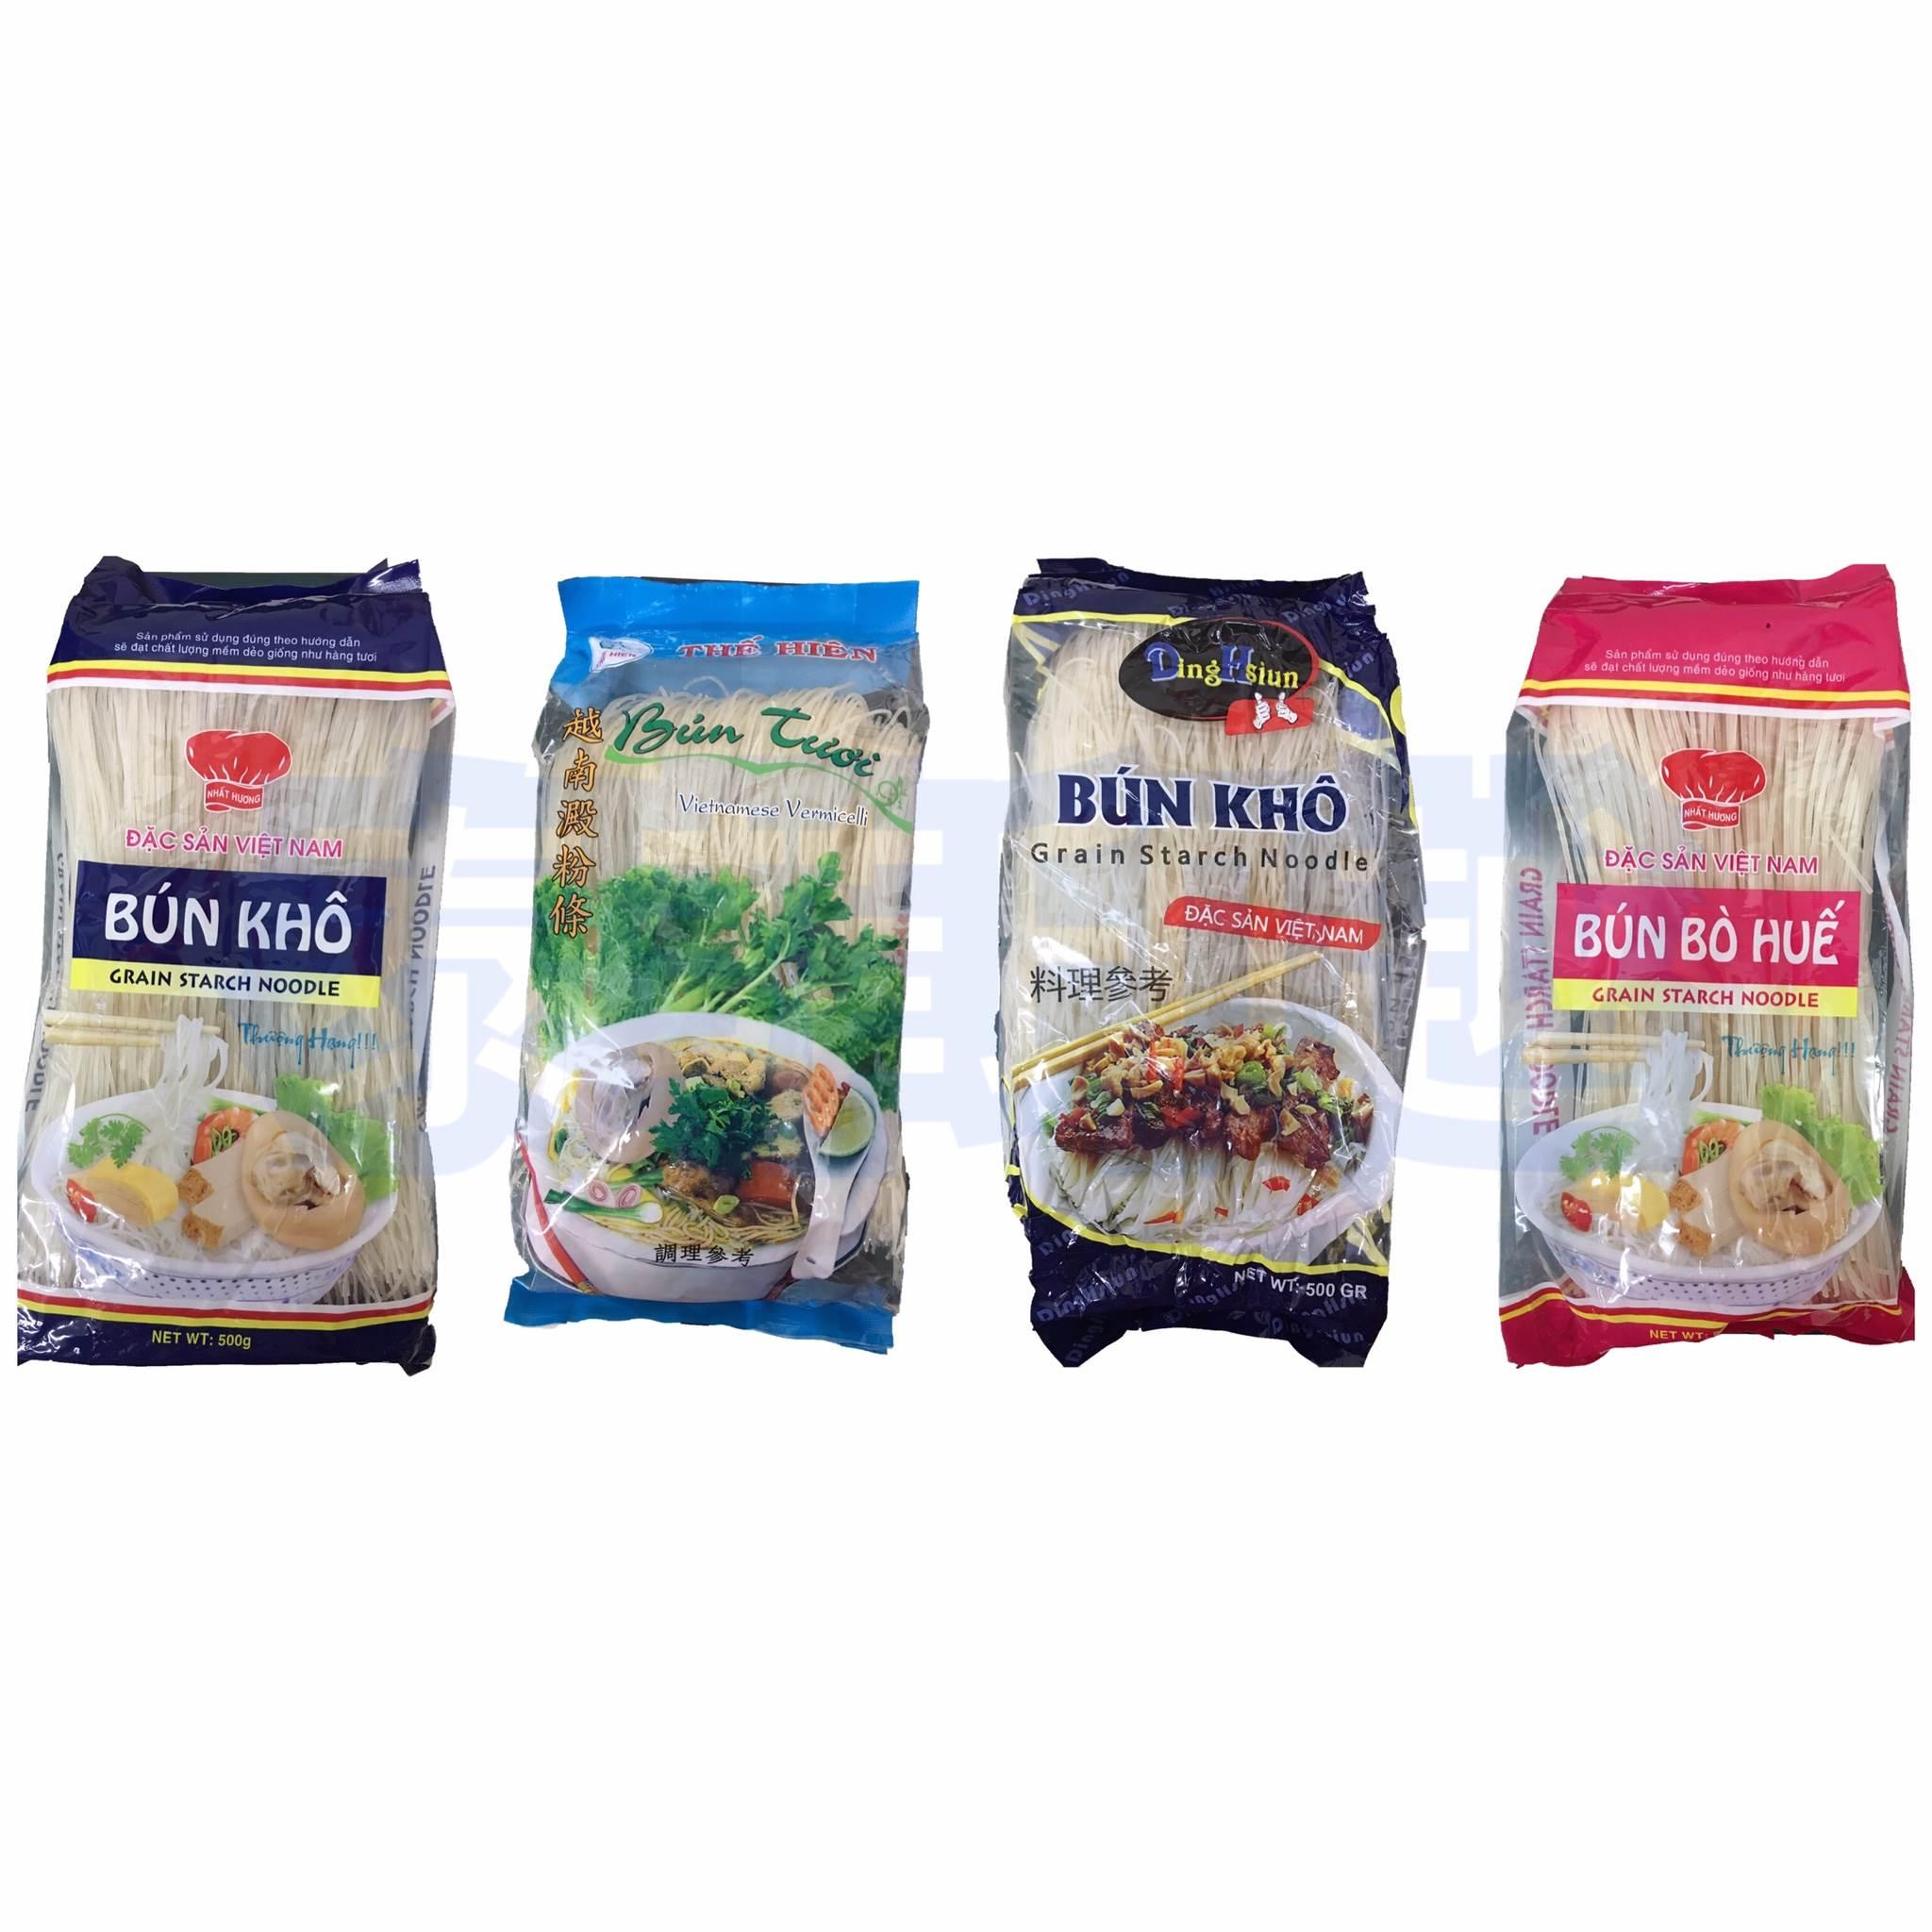 {泰菲印越} 越南 bk bt bbh 澱粉條 米線 500克